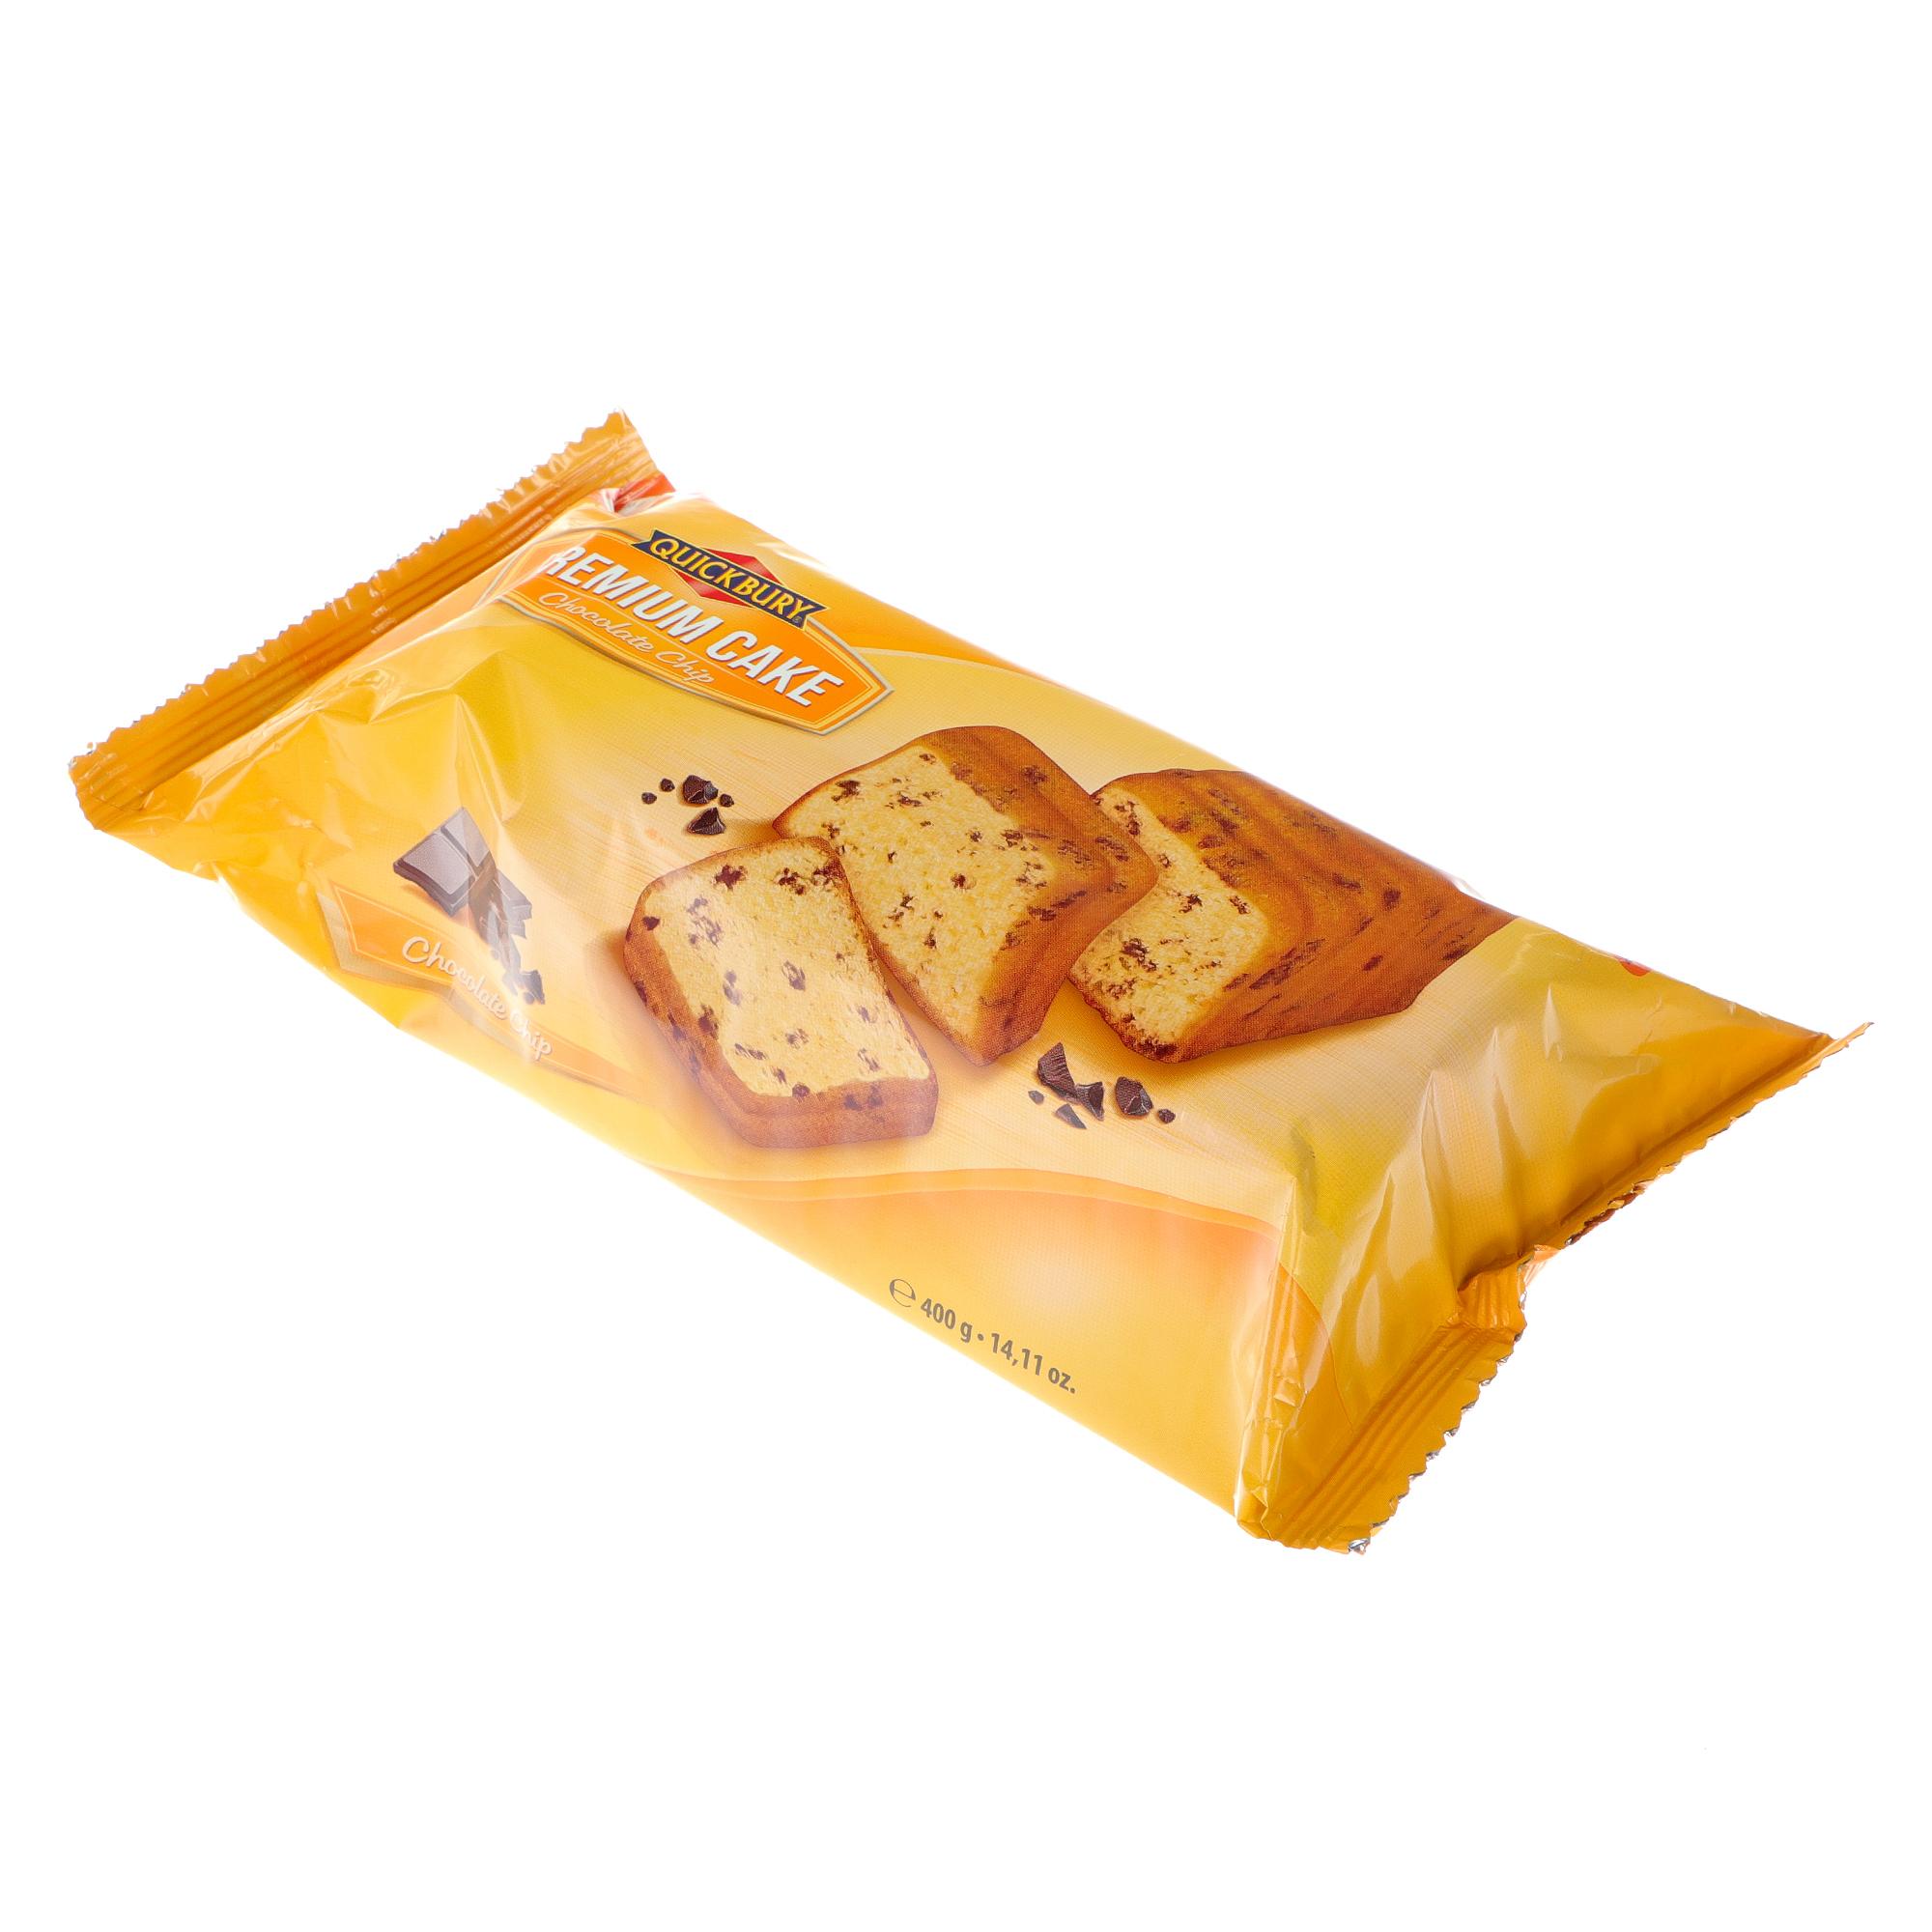 Фото - Кекс Quickbury Premium с шоколадной крошкой, 400 г печенье quickbury с шоколадной крошкой 150 г